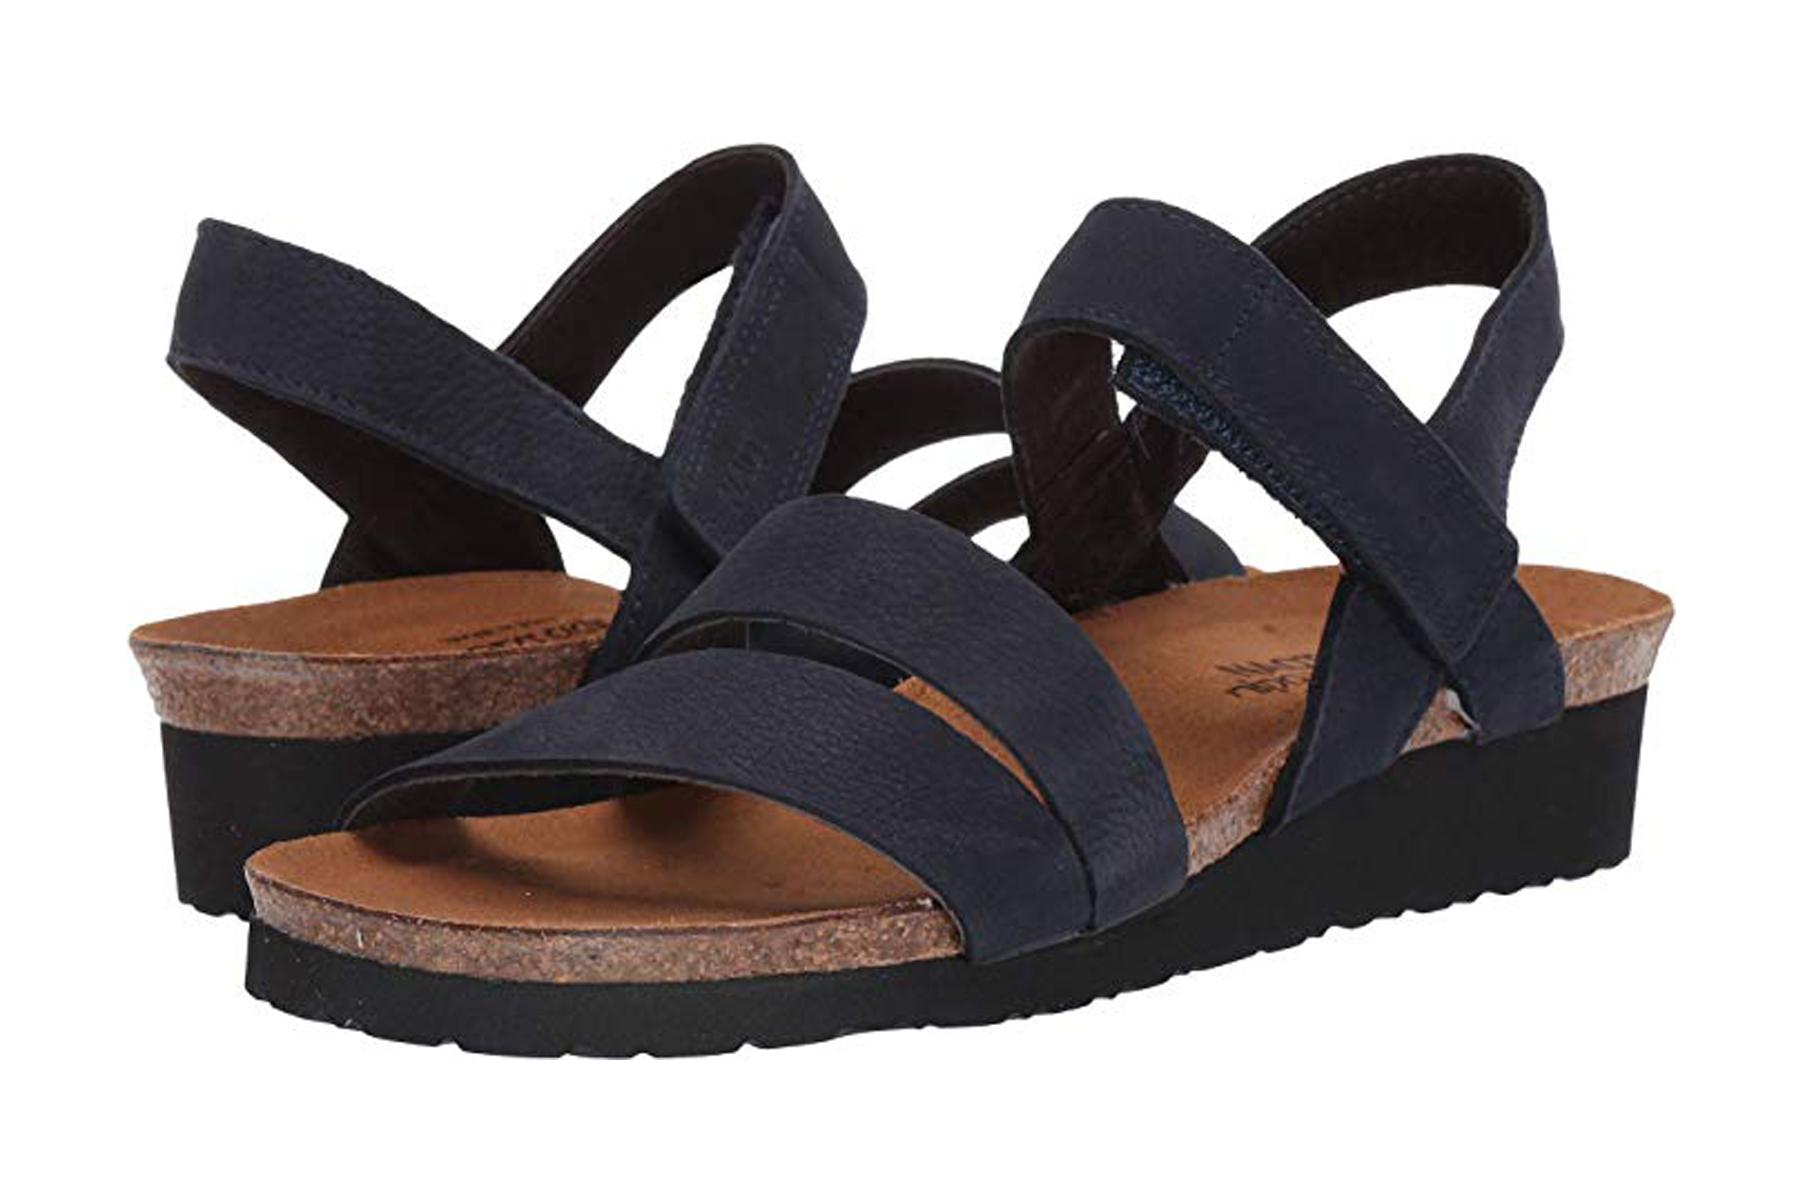 best women's orthopedic slippers